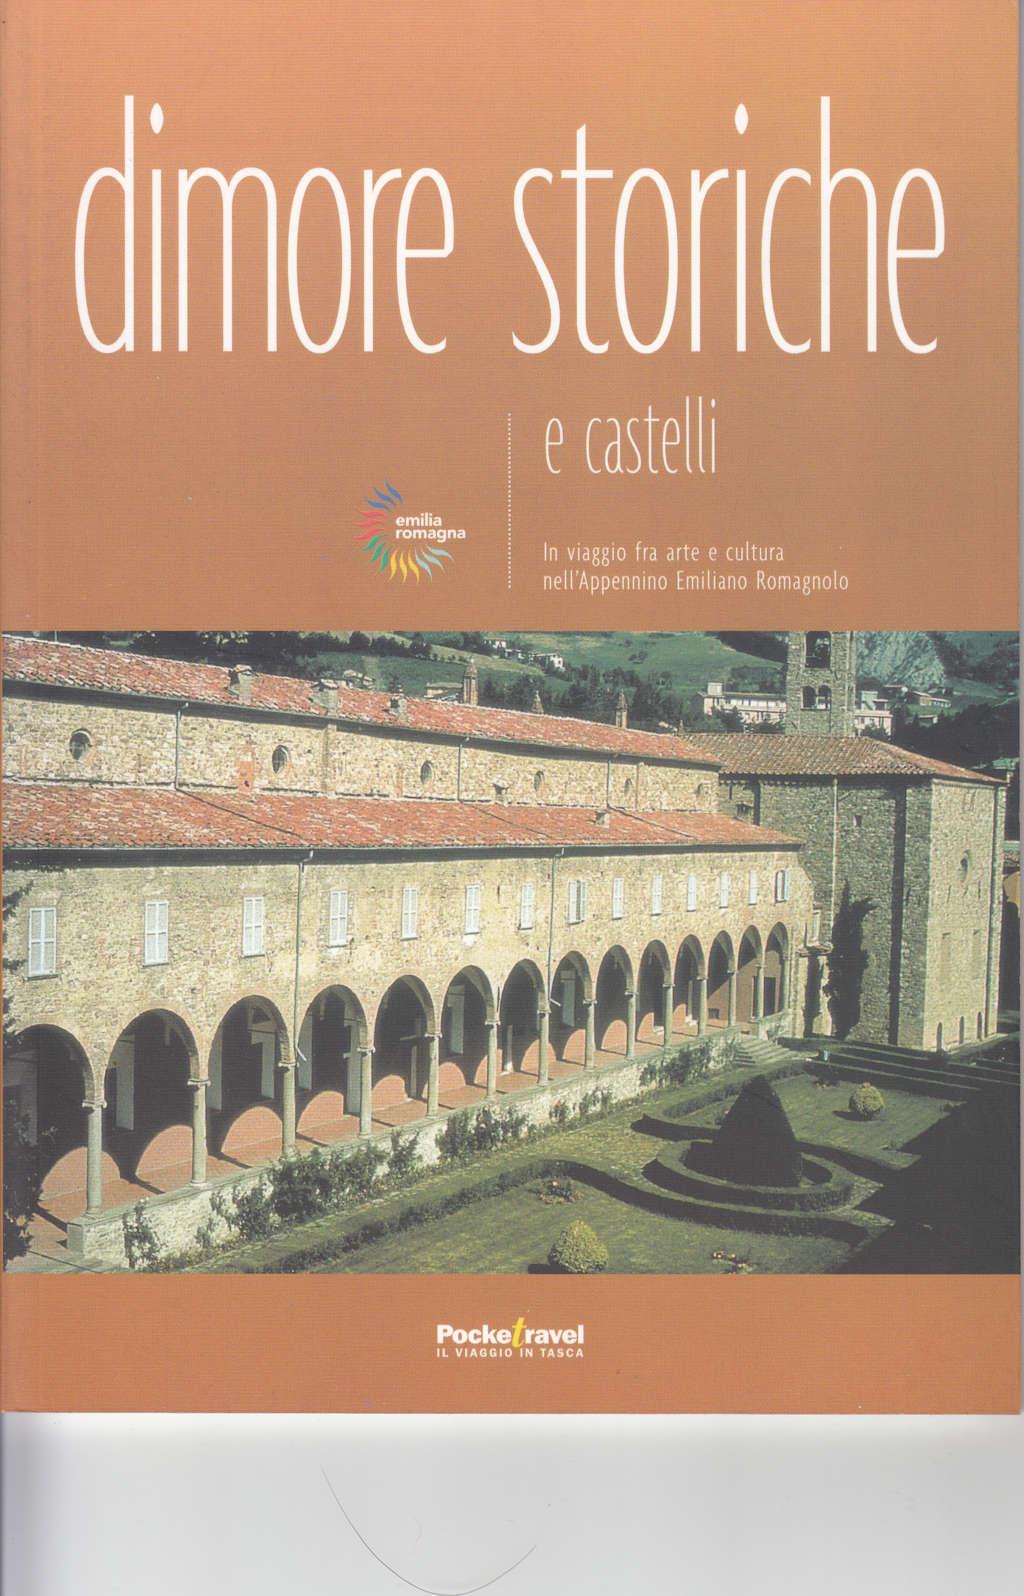 Dimore storiche e castelli